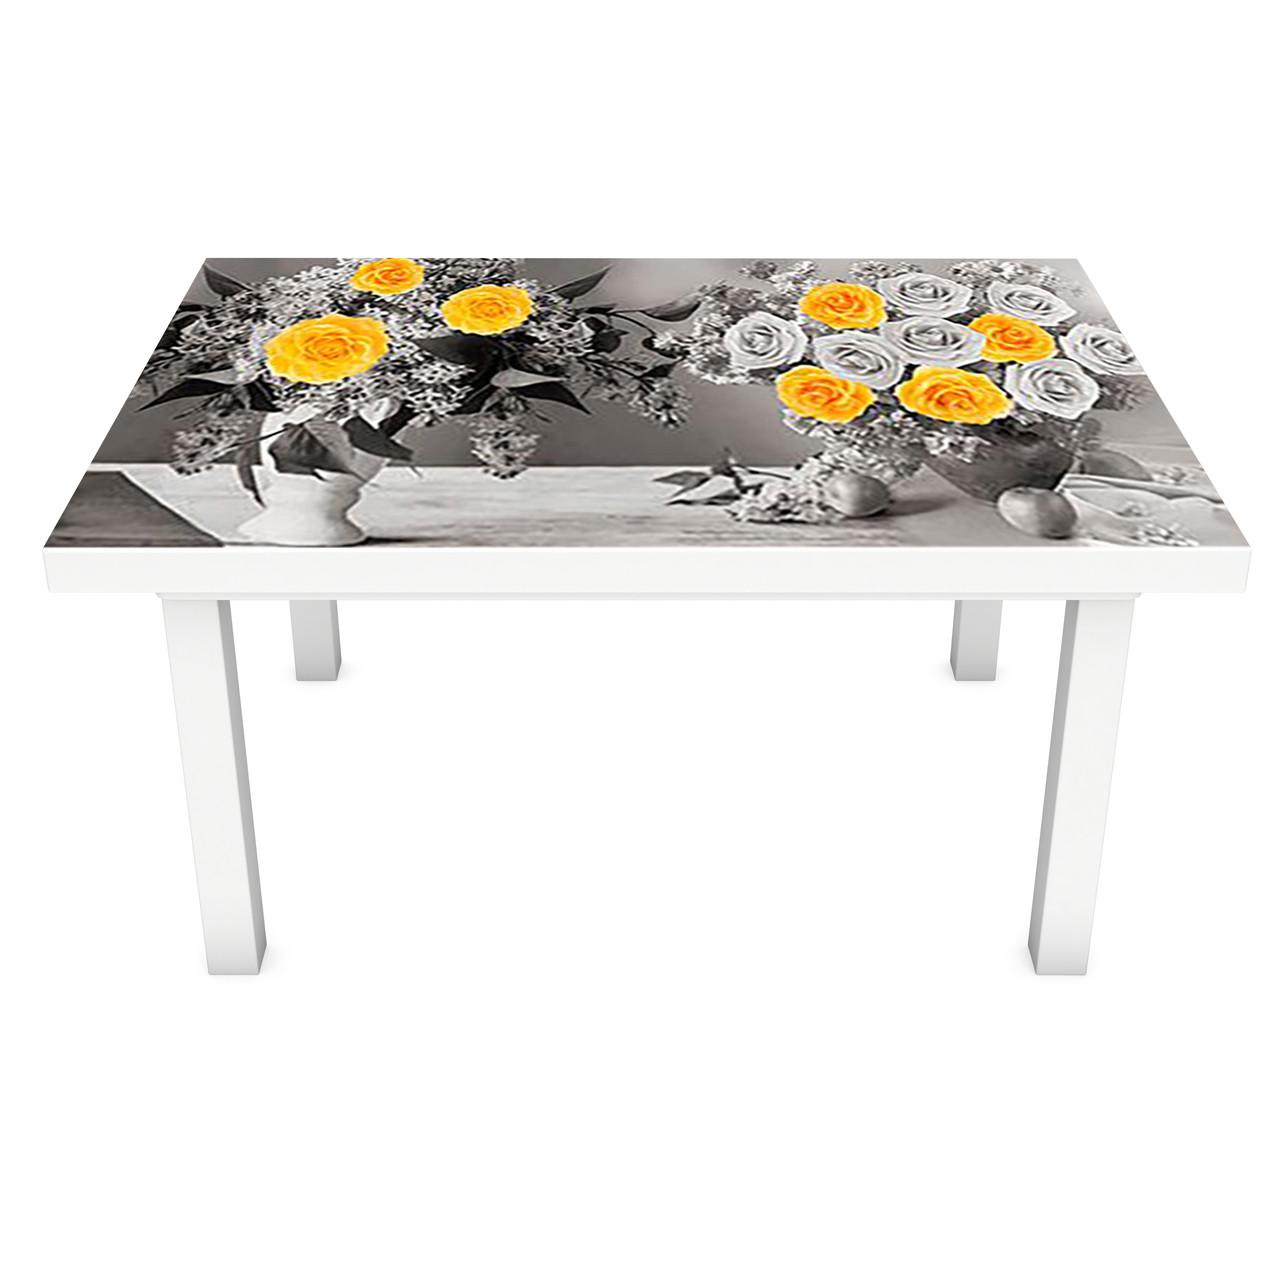 Наклейка на стол Желтый акцент ПВХ интерьерная пленка для мебели розы цветы кувшины Серый 600*1200 мм